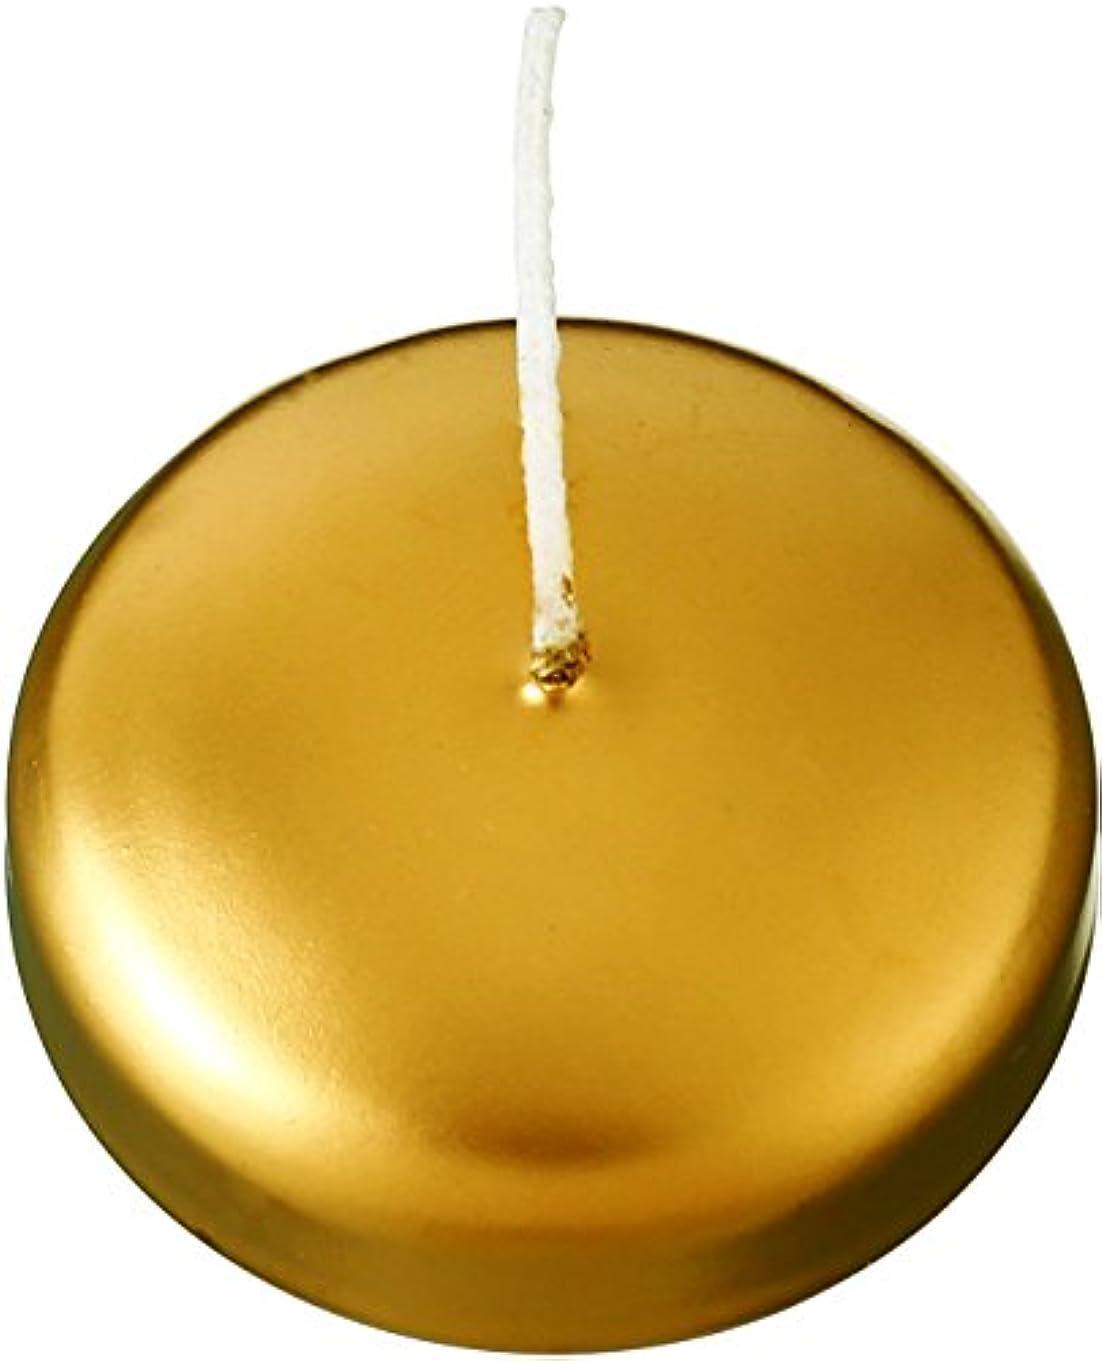 練るねじれ進化カメヤマキャンドルハウス フローティングキャンドル50 ゴールド 12個セット